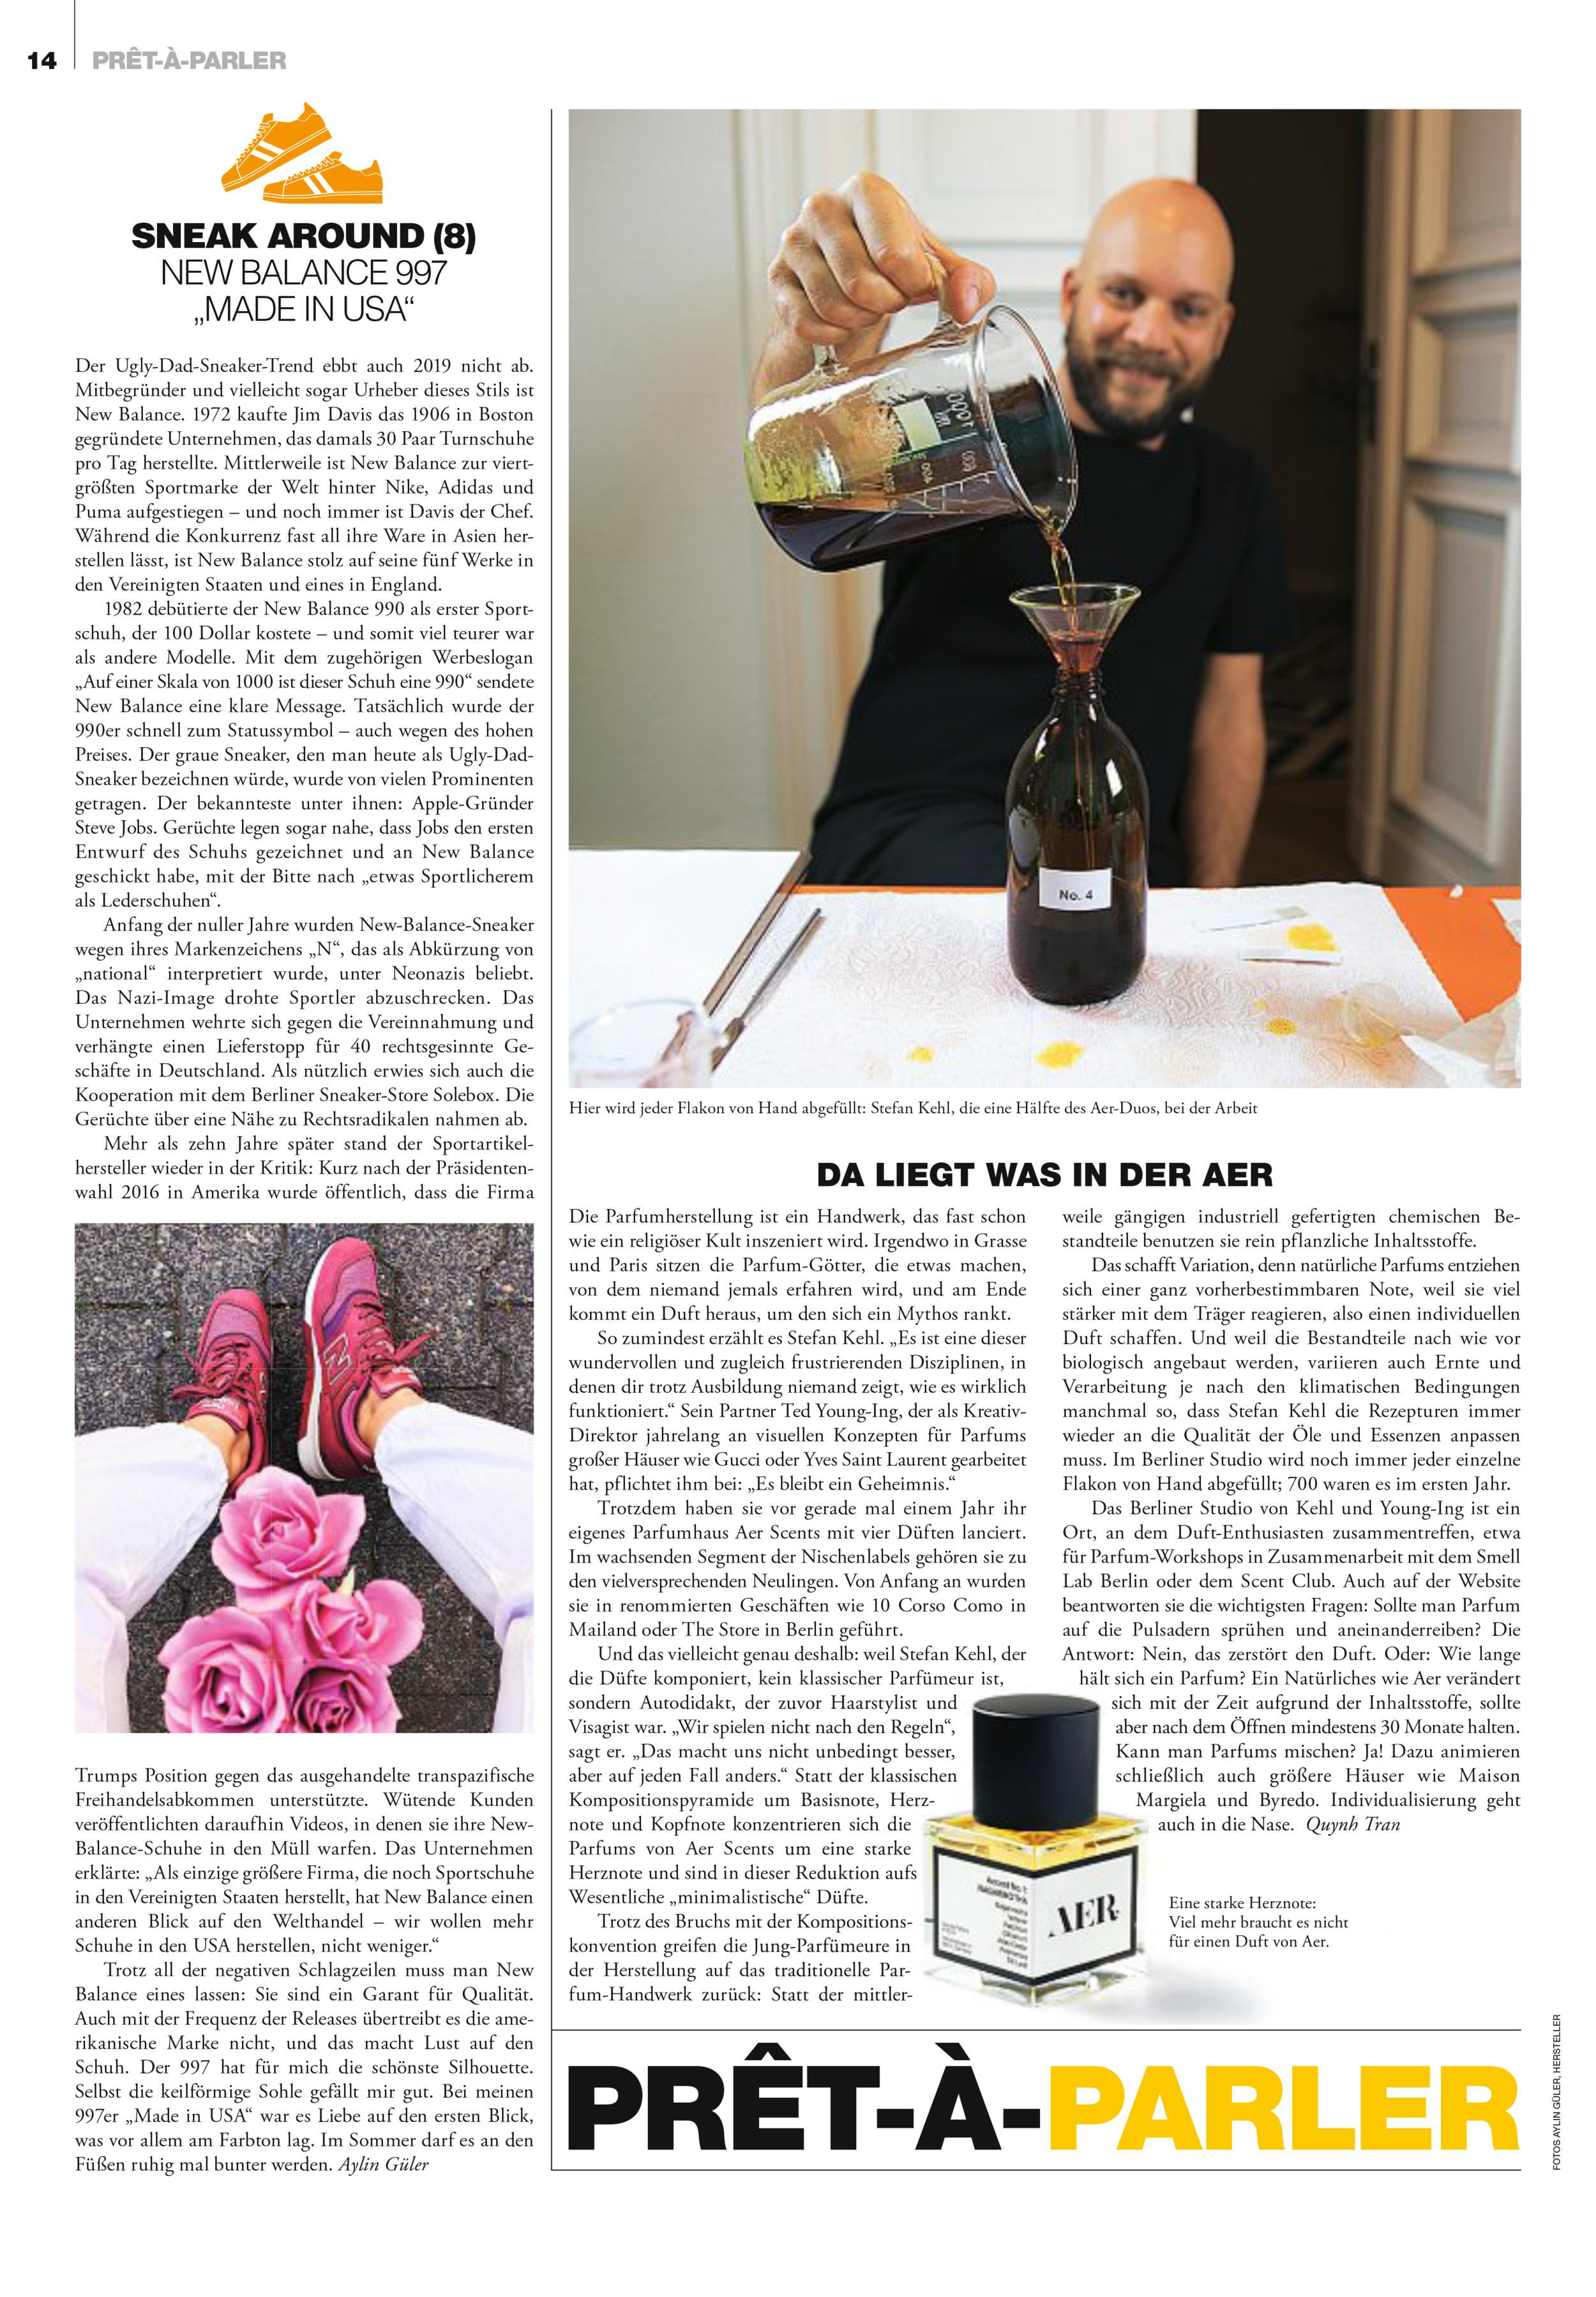 Frankfurter Allgemeine Magazine, June 2019